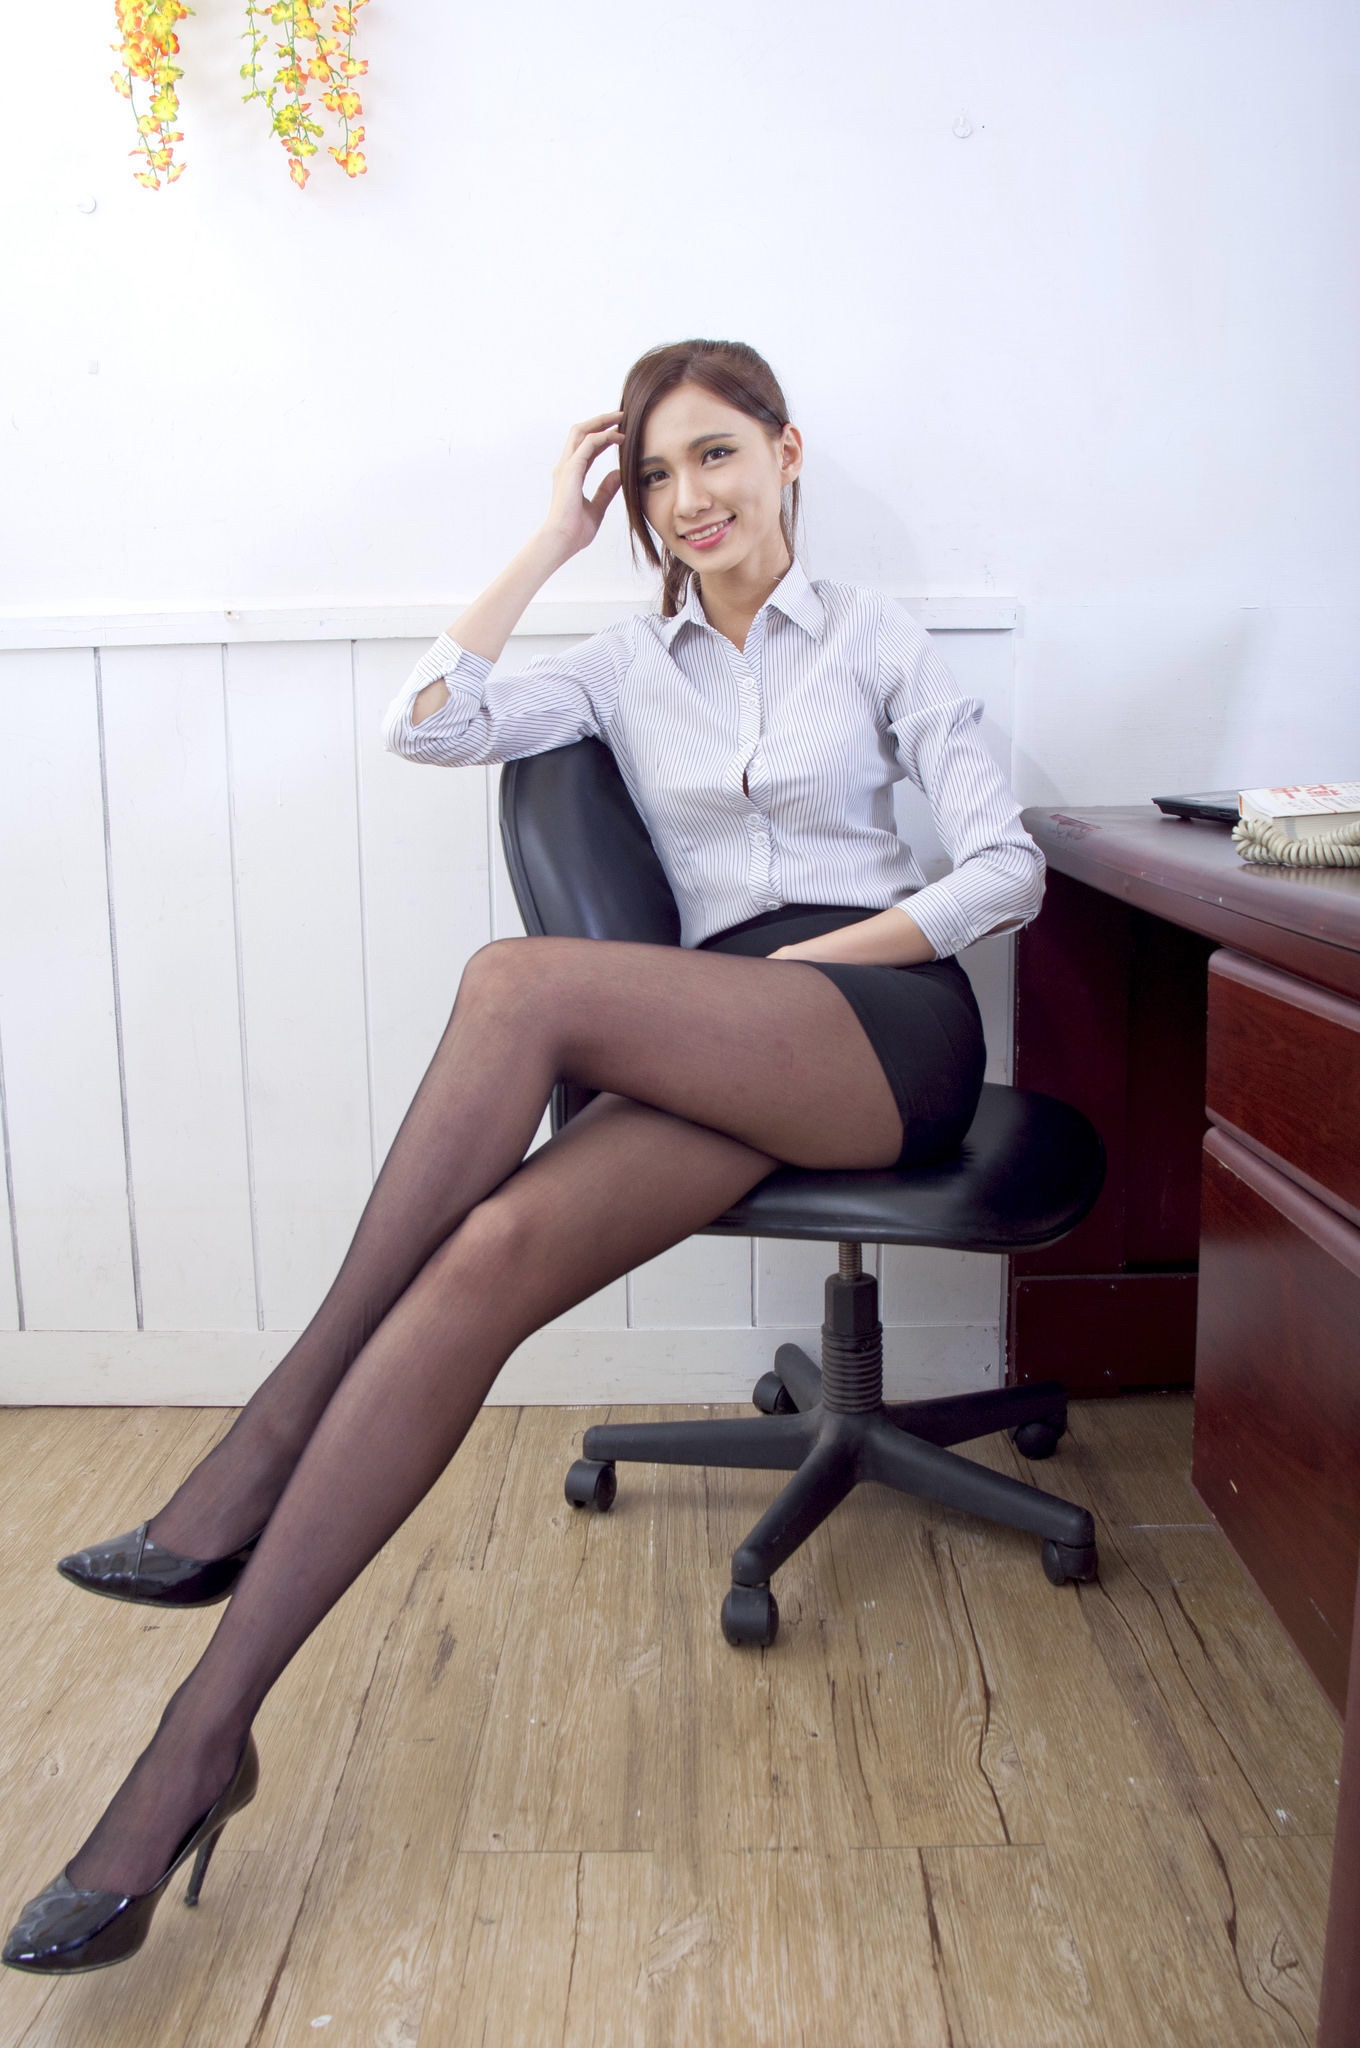 美人秘書お姉さんのパンストフェチエロ画像(27pics)